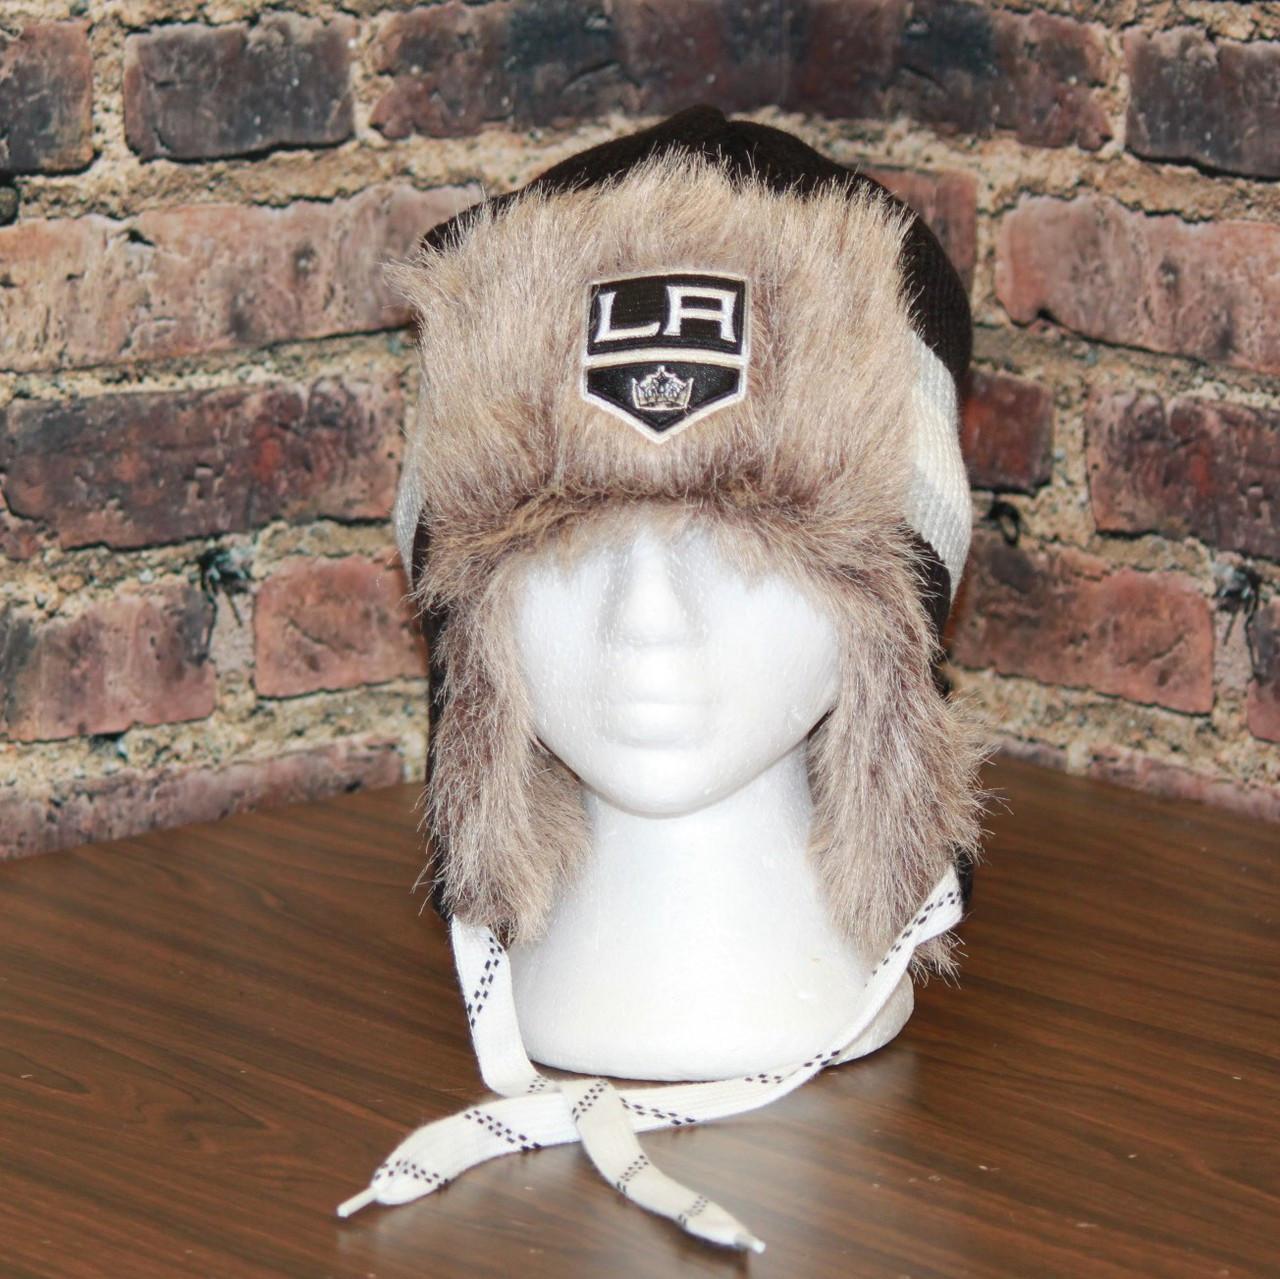 794046121de Los Angeles LA Kings Reebok NHL Center Ice FUR TROOPER Knit Hat. Price    39.95. Image 1